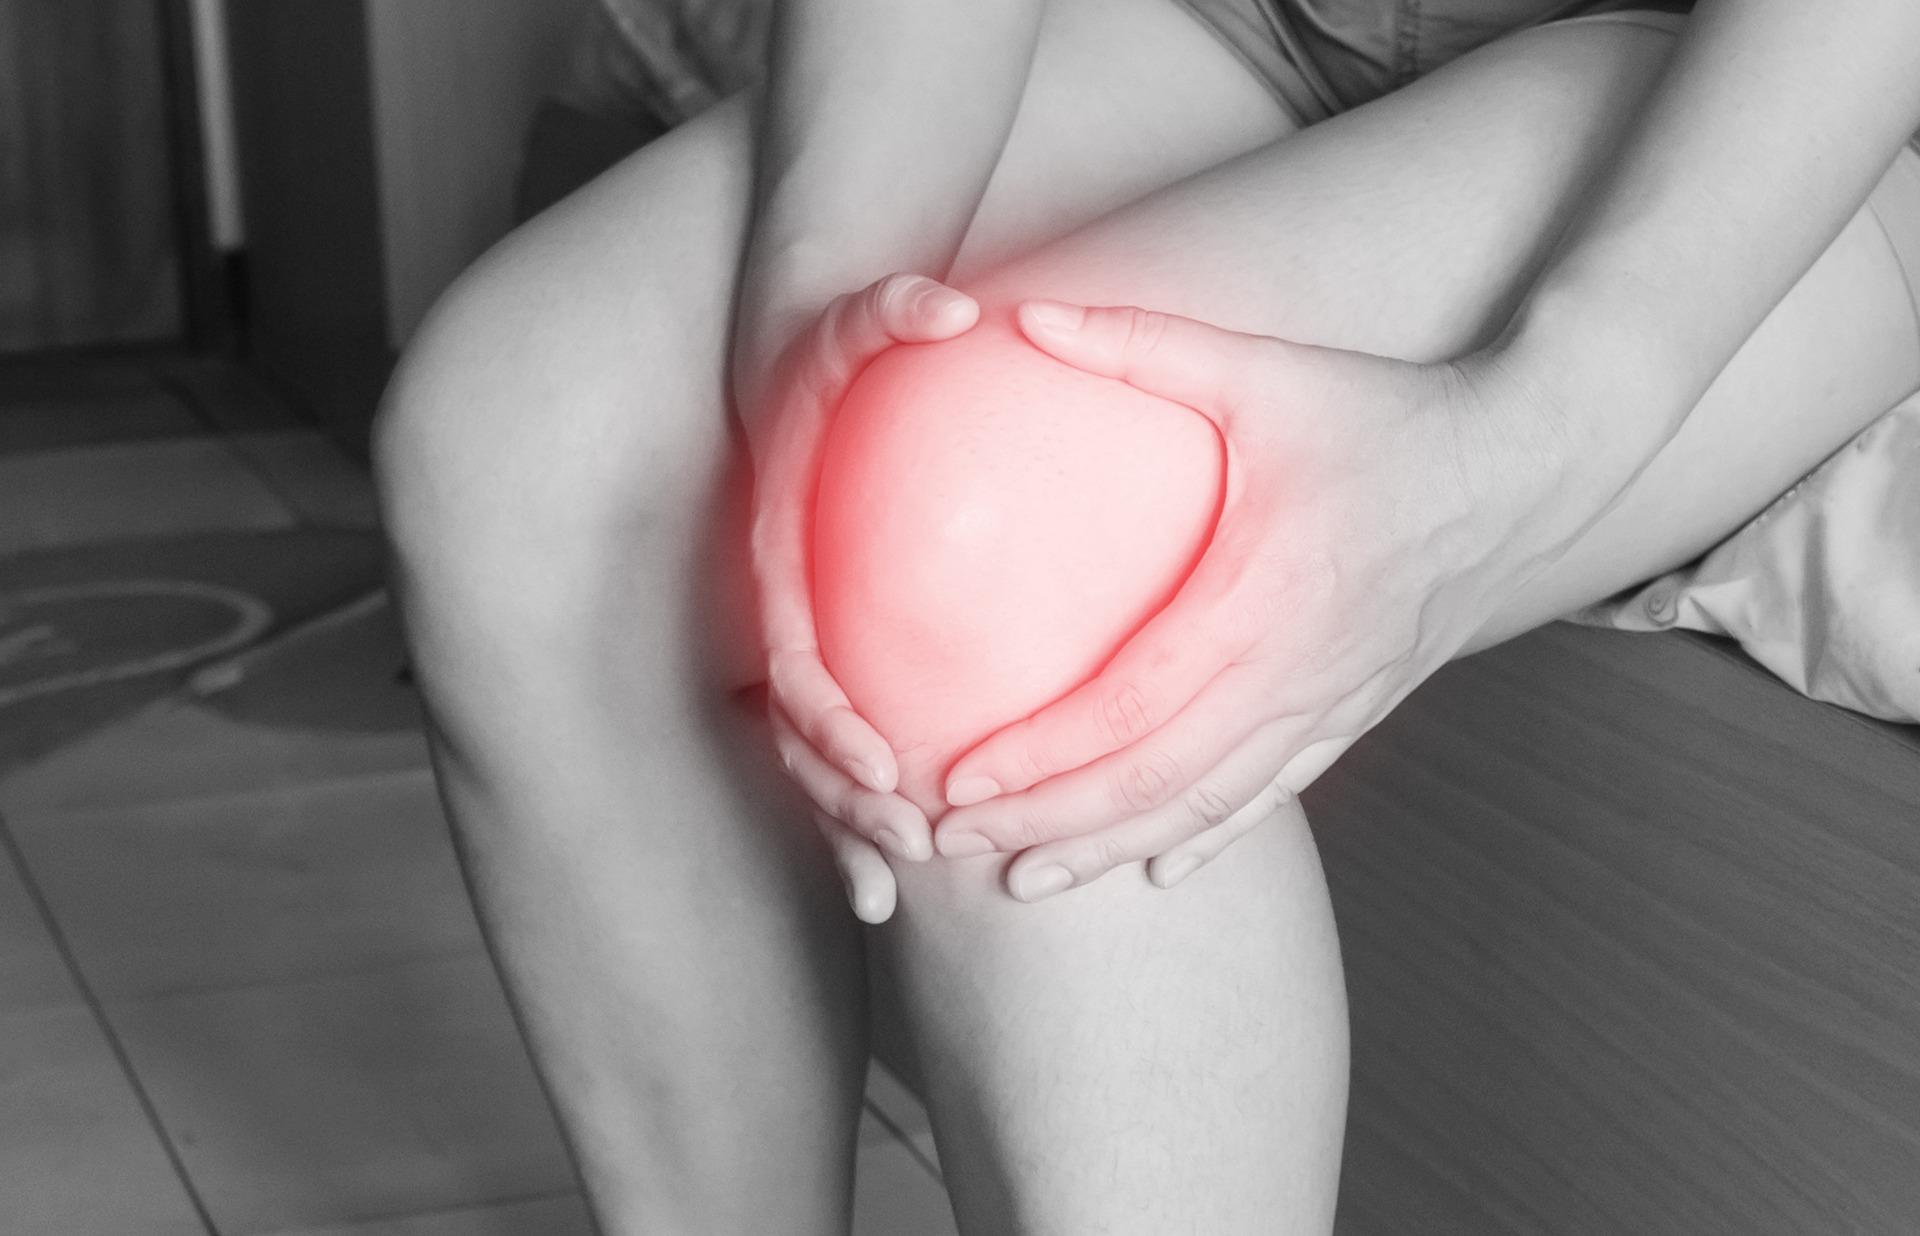 関節痛は「原因を知る」ことから予防が始まる